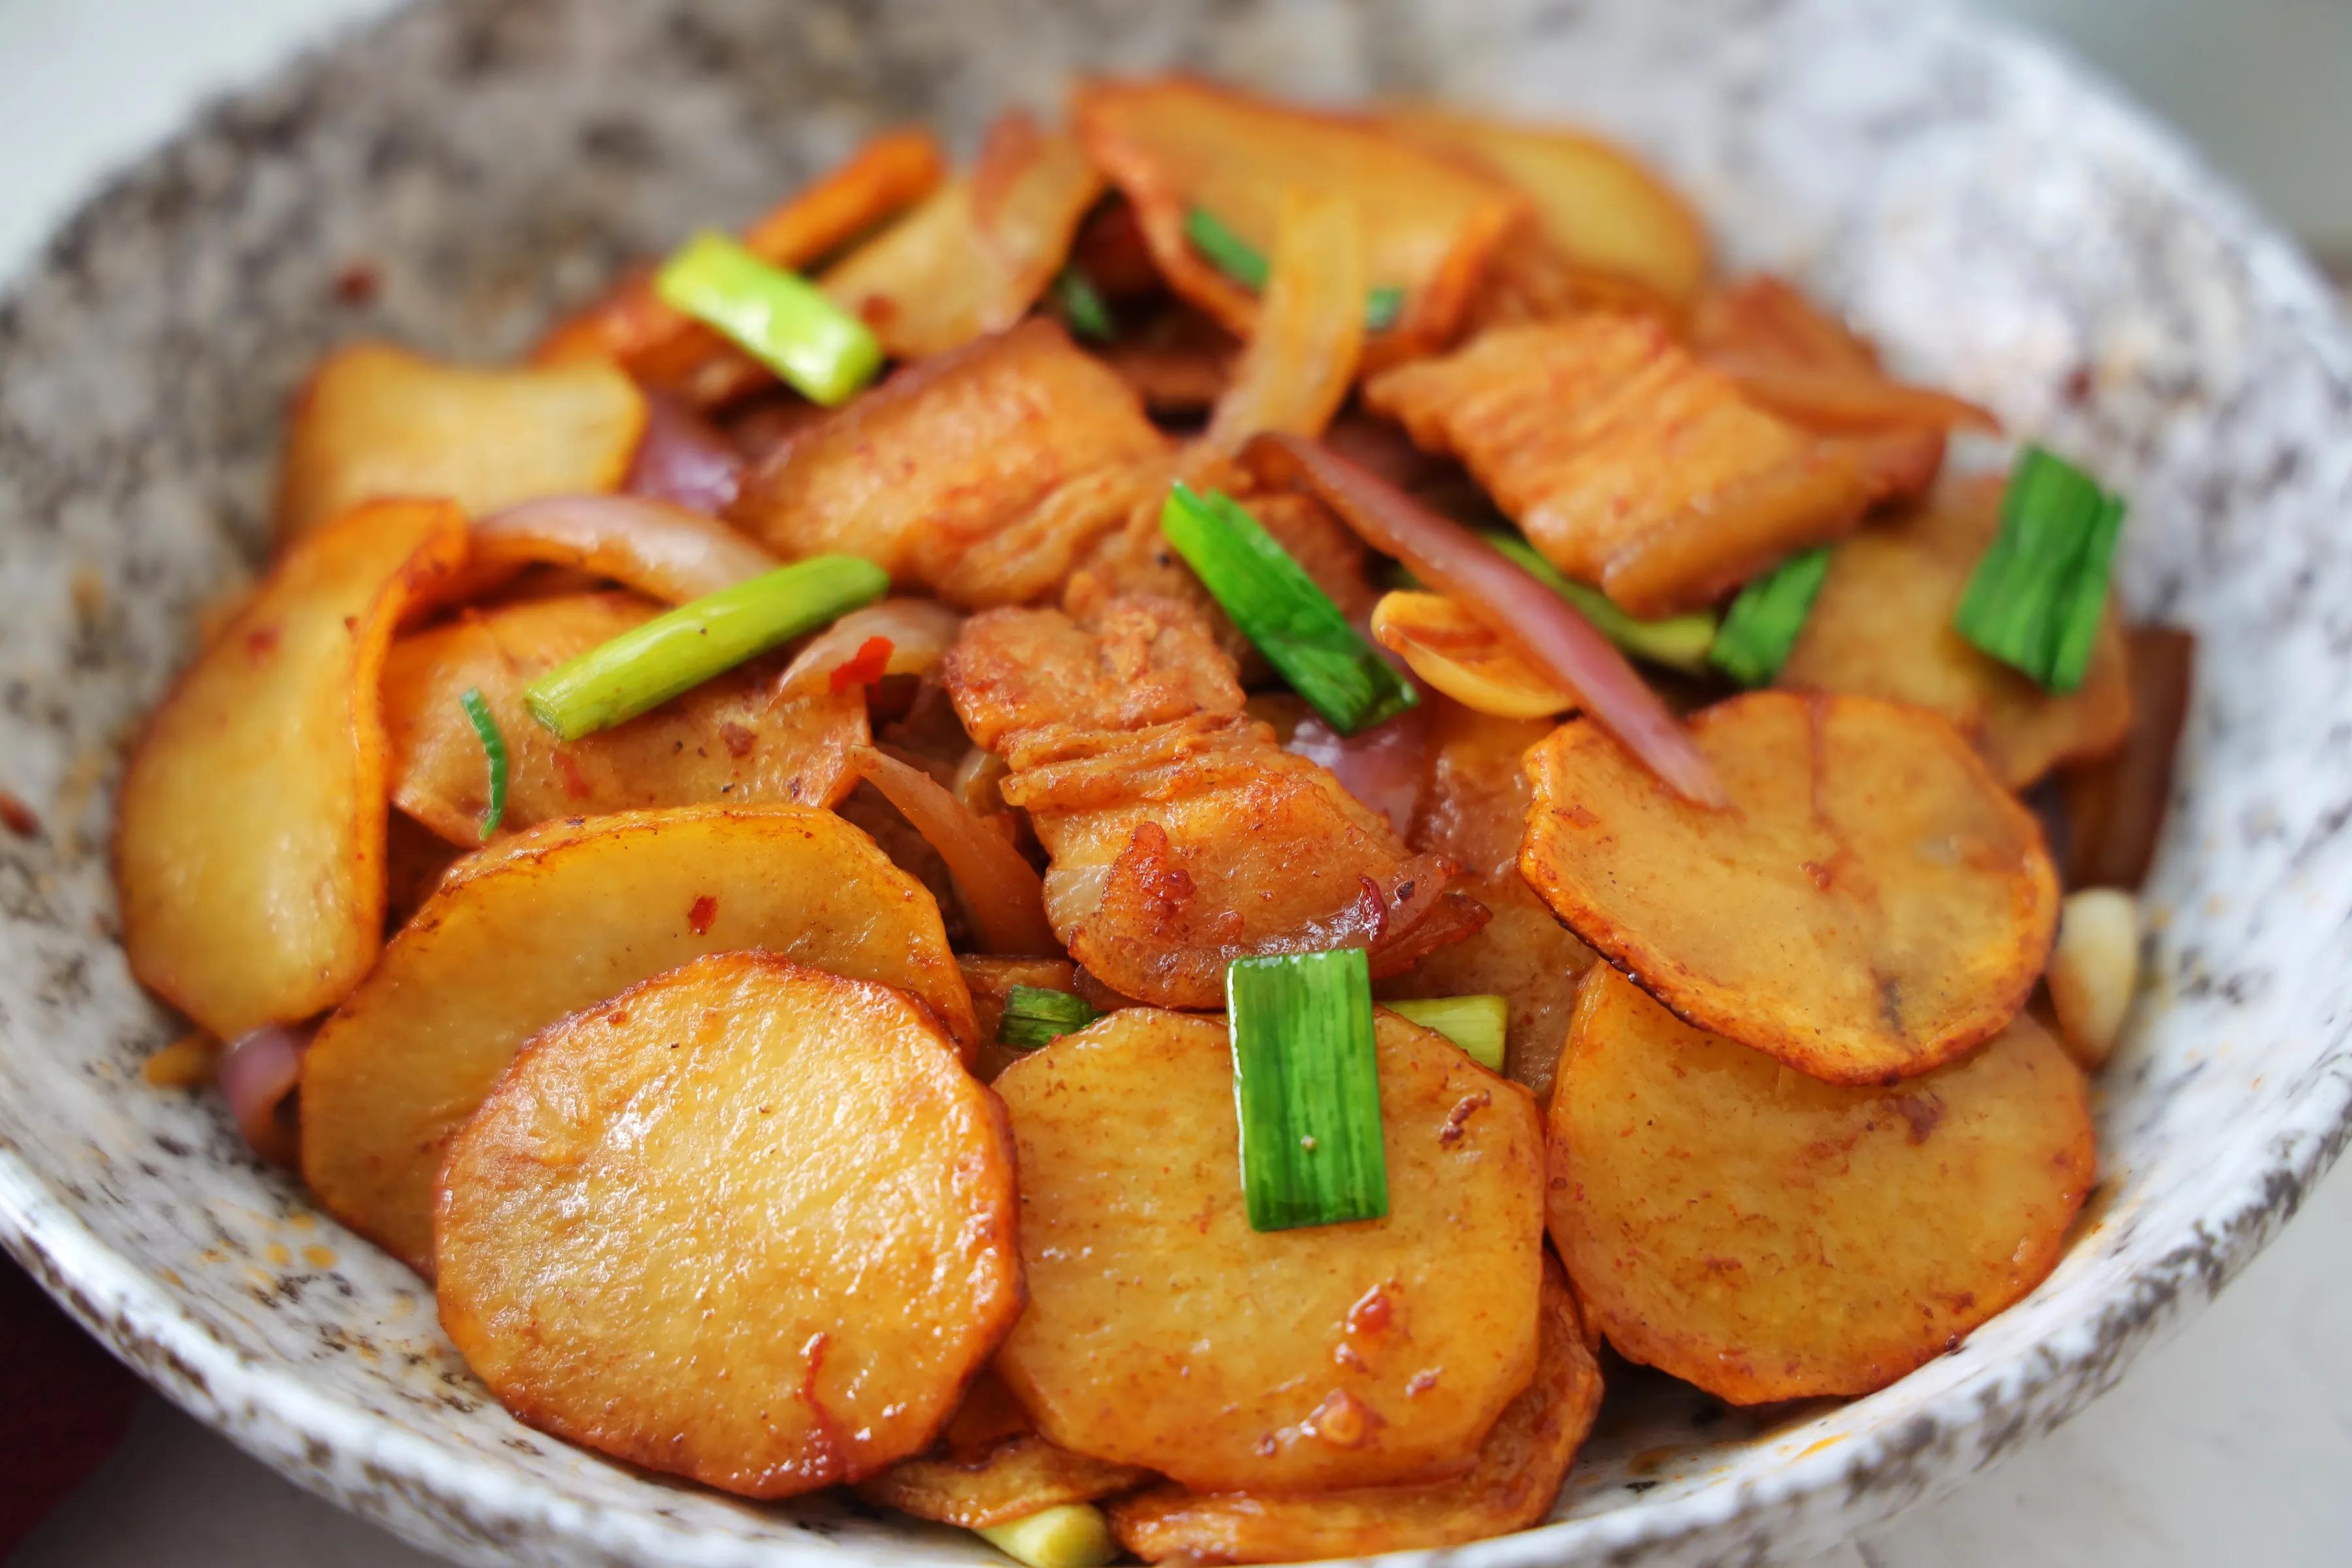 土豆这样吃太美味,鲜香下饭,比干锅土豆还过瘾,颜值高更有食欲 美食做法 第1张